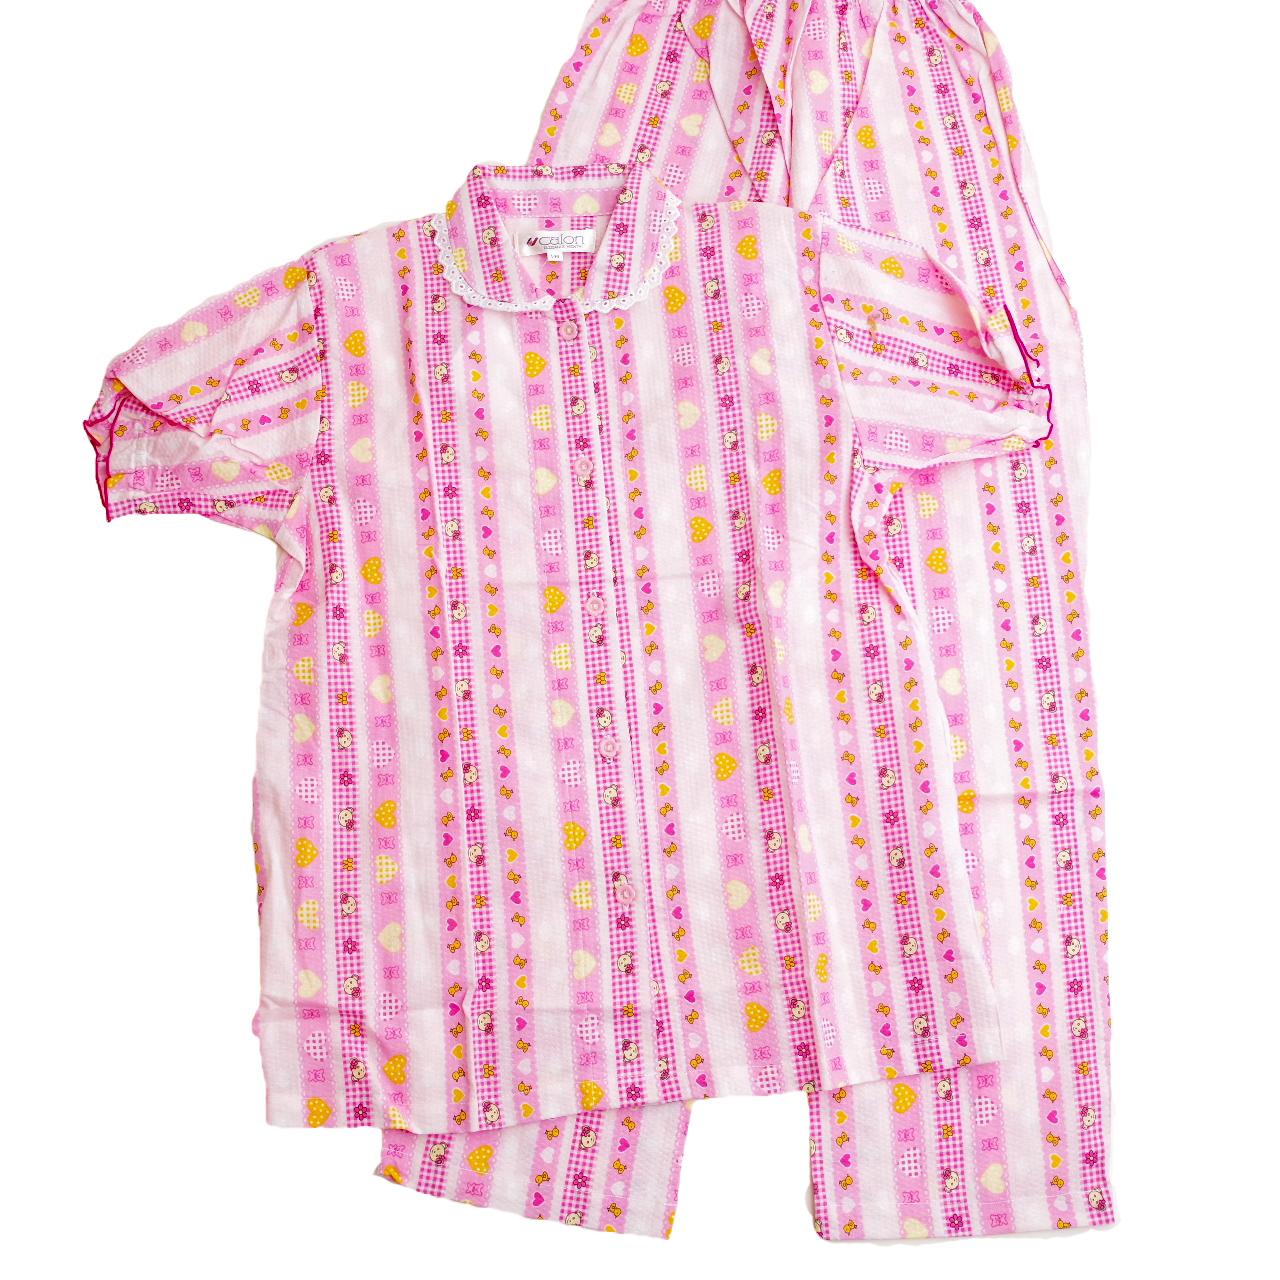 女児 半袖パジャマ 綿100% ジュニア 130cm(241713)